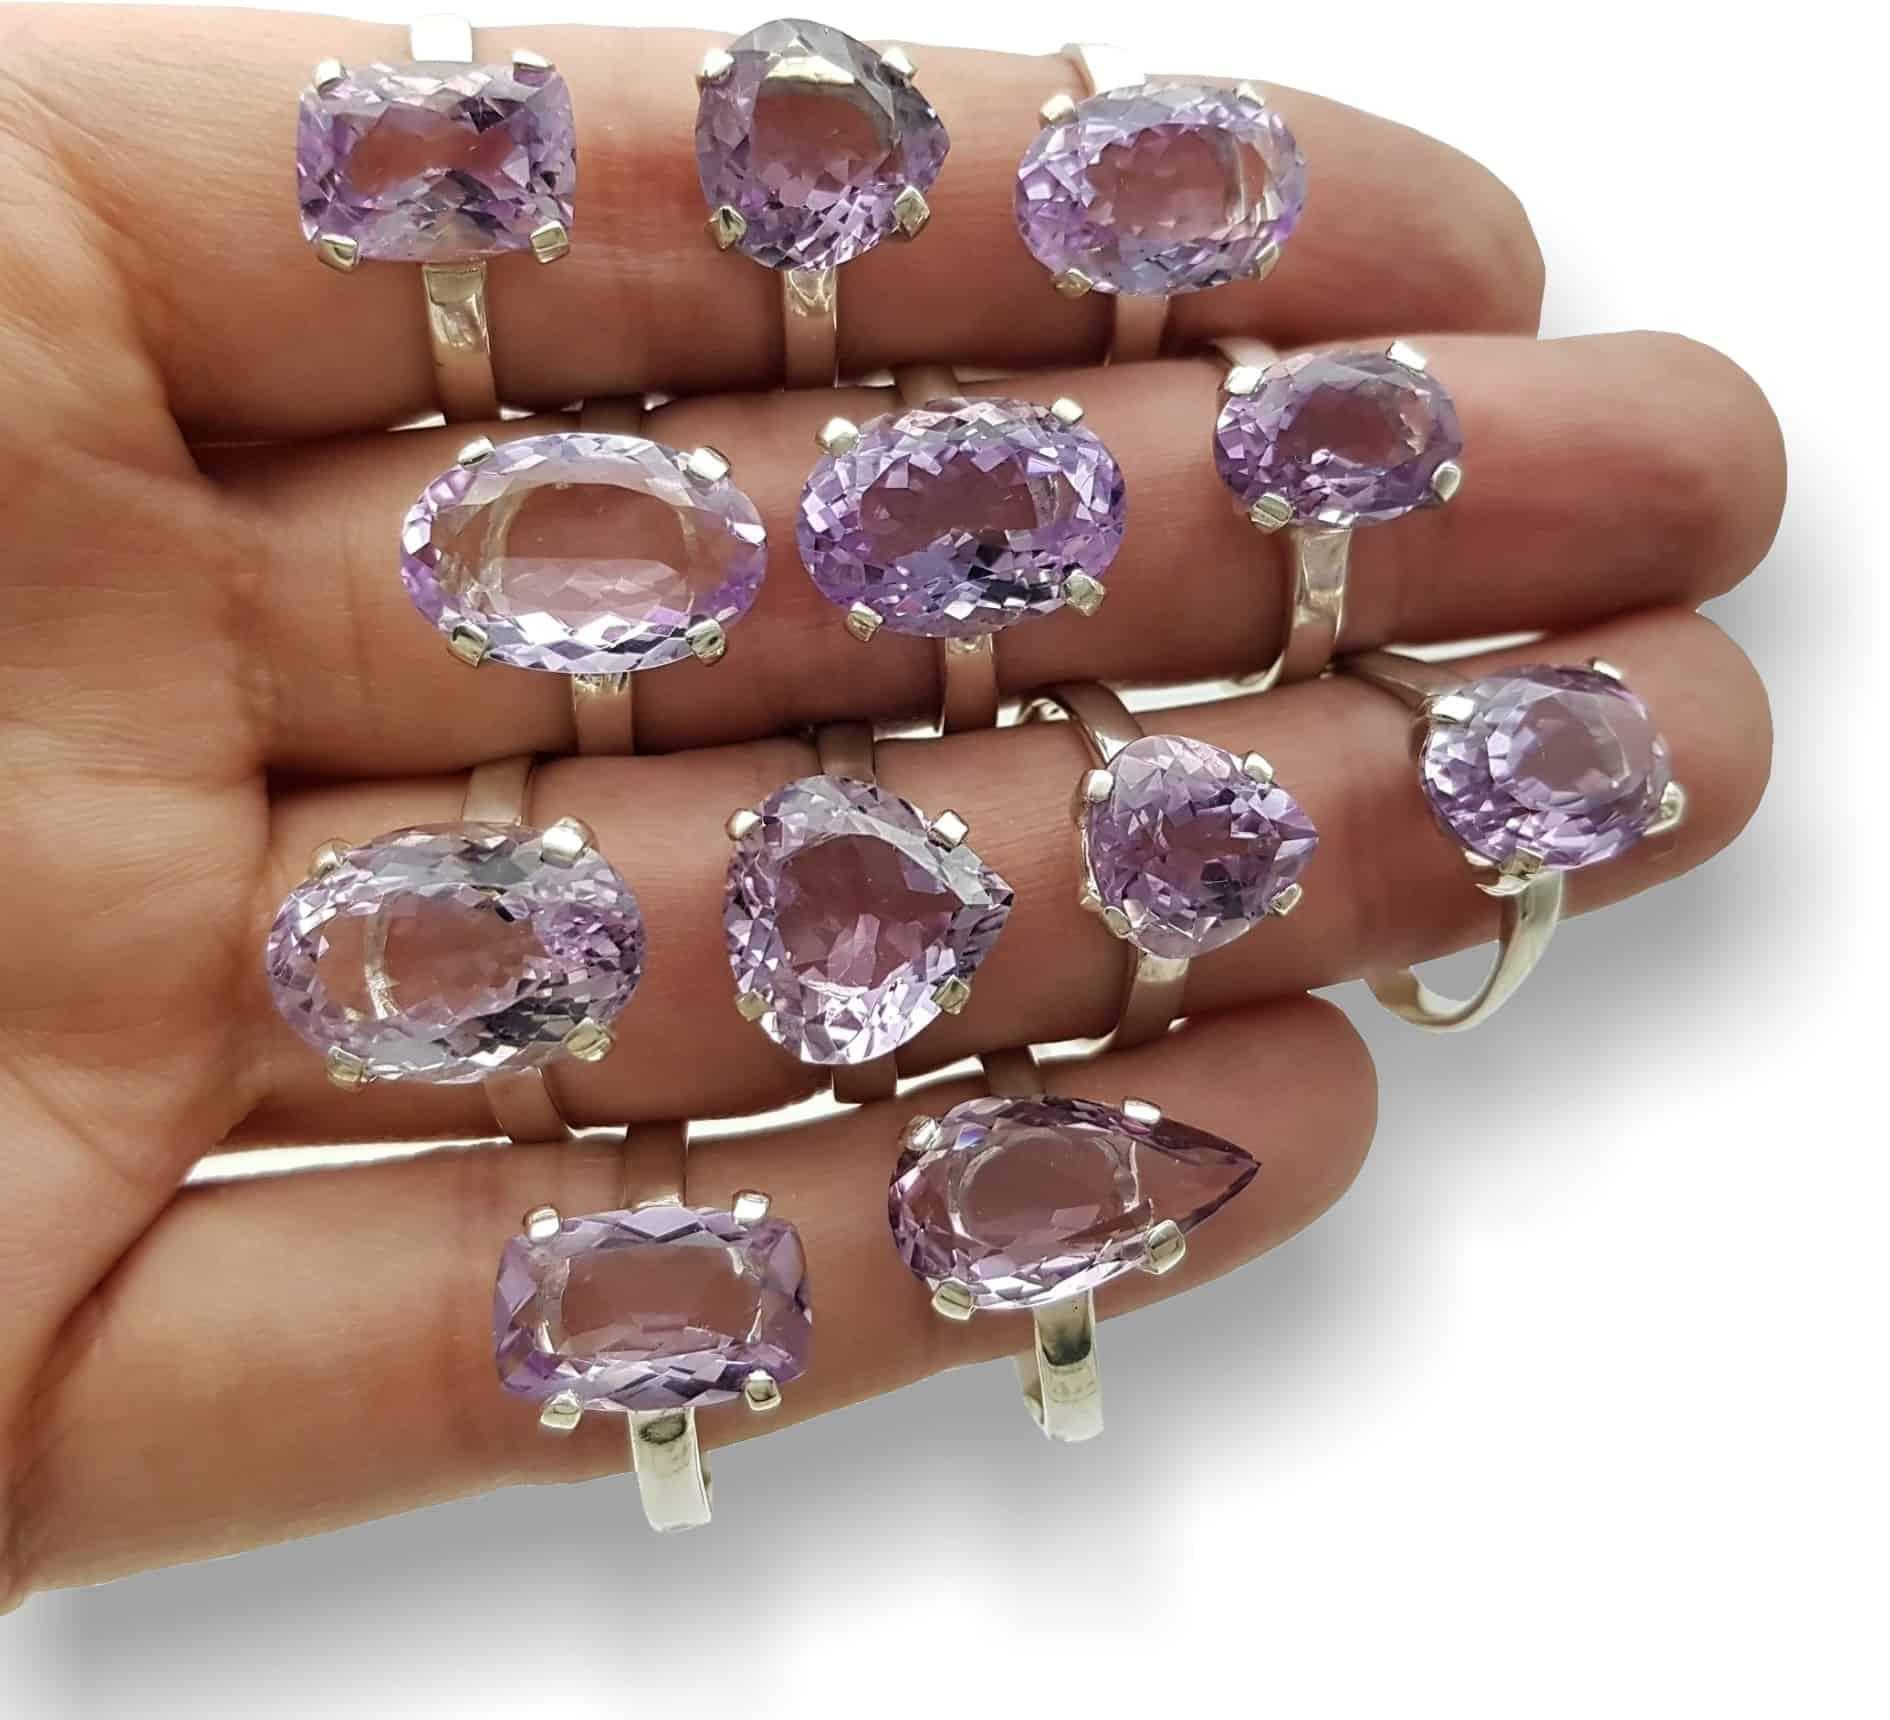 Foto de la mano izquierda mostrando 12 anillos de plata y cuarzo amatista facetada